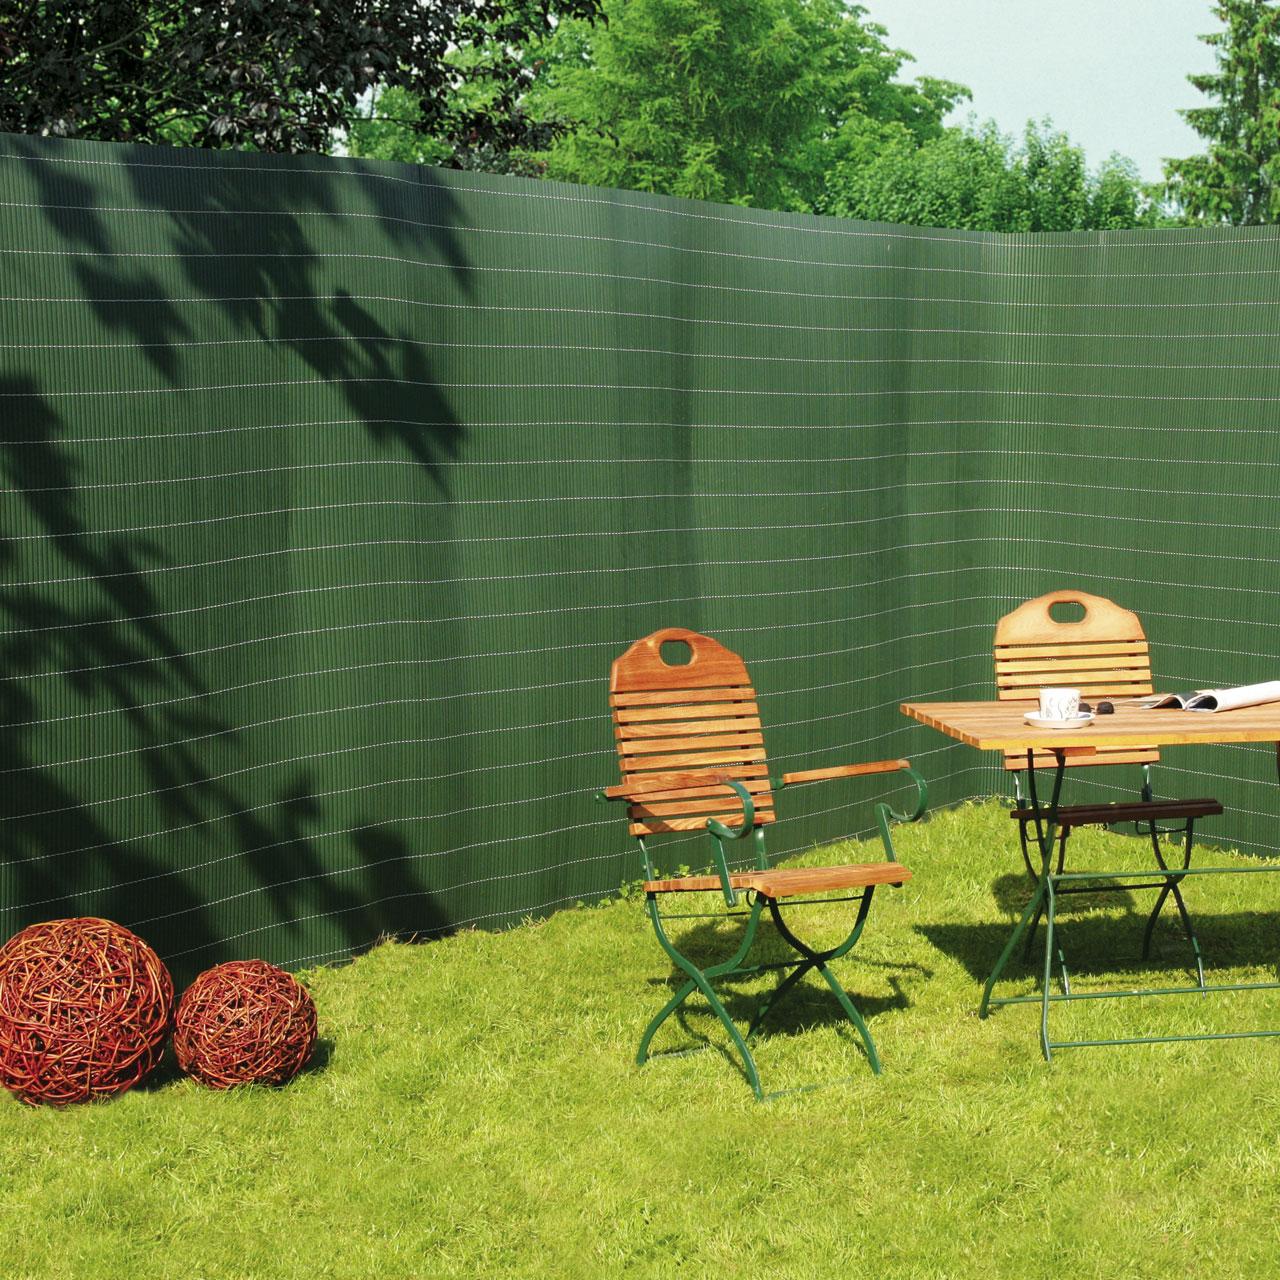 sichtschutzzaun pvc kunststoff montageset r gen gr n sichtschutz. Black Bedroom Furniture Sets. Home Design Ideas